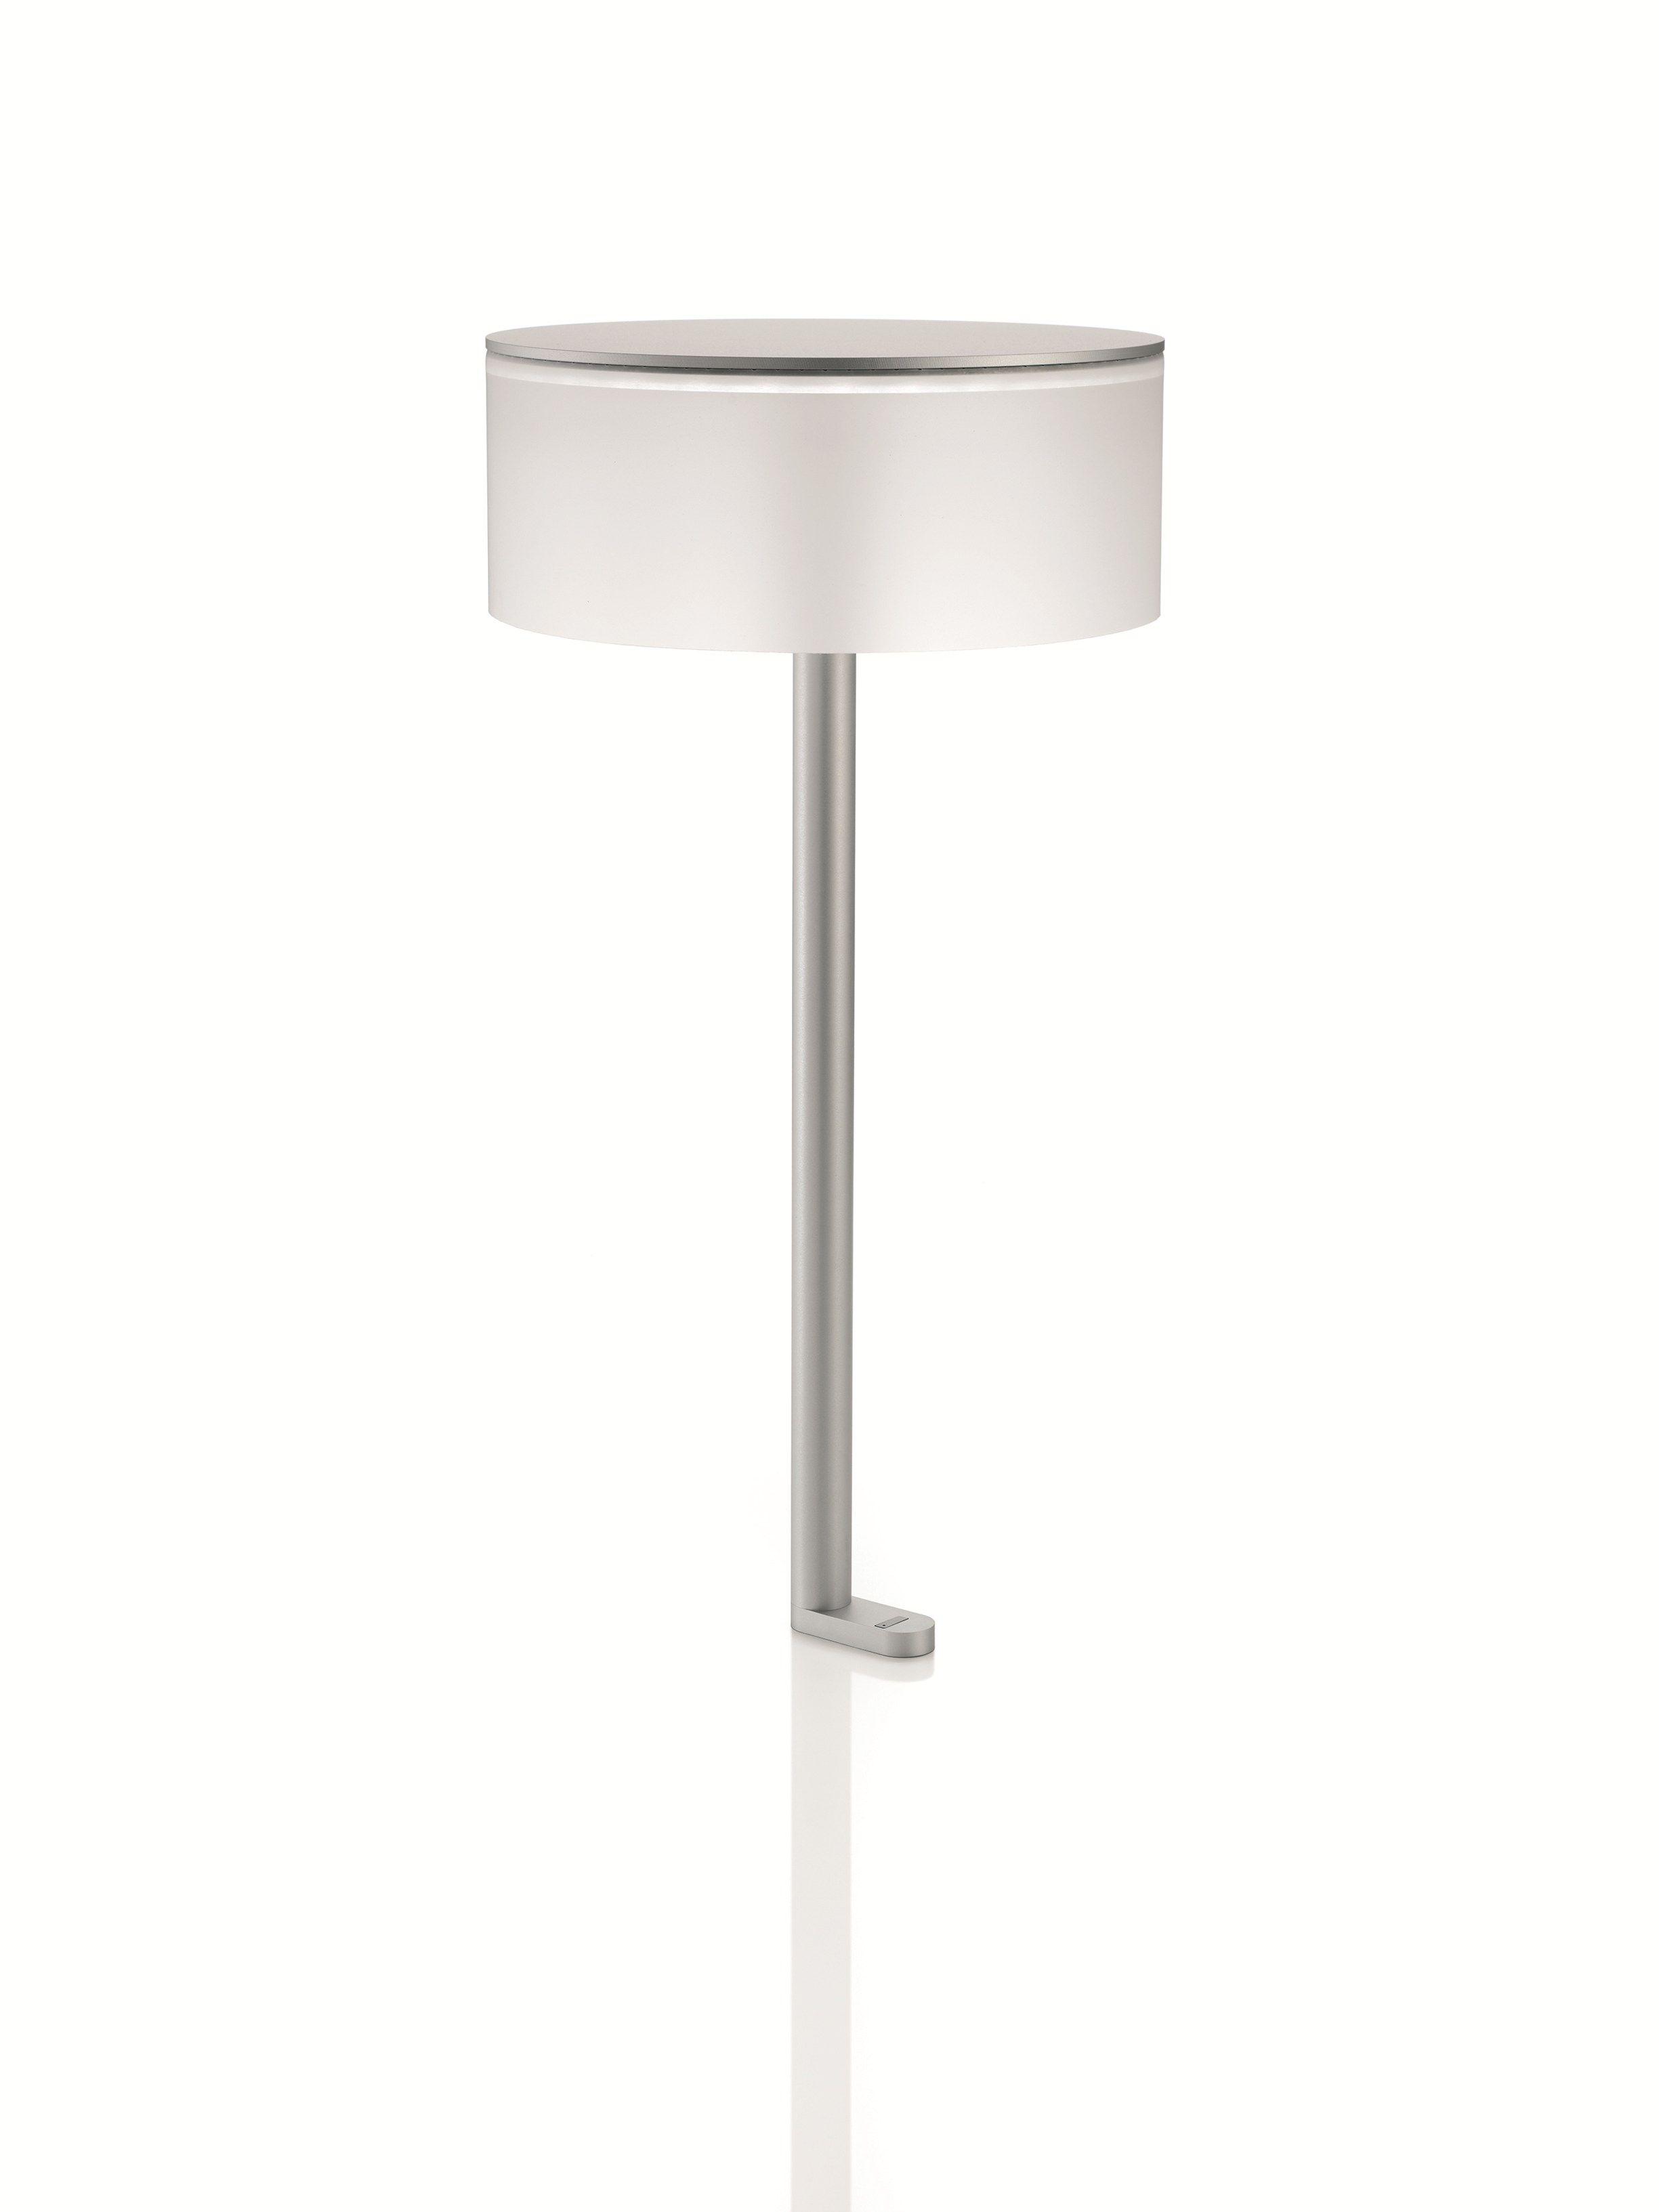 Lampada da scrivania Bene Lamps by BENE design PearsonLloyd